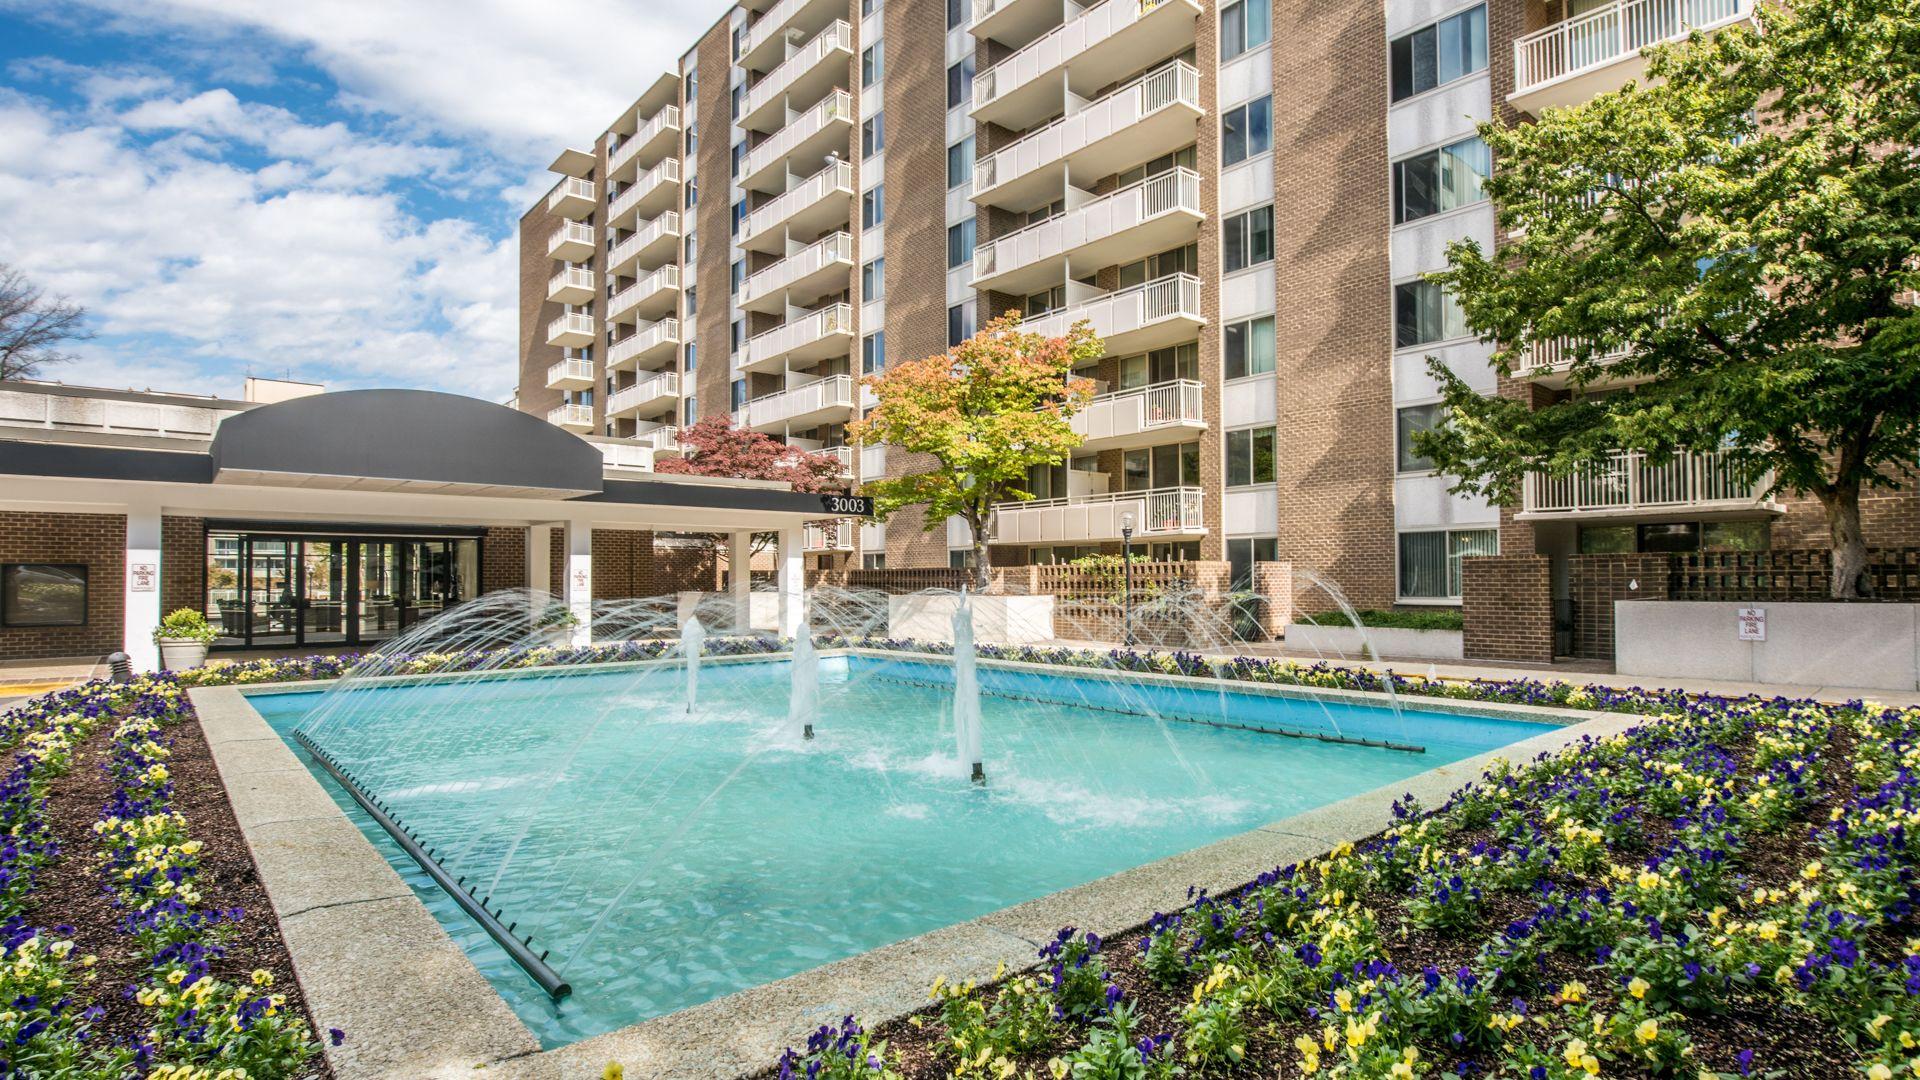 3003 Van Ness Apartments in DC 3003 Van Ness Street Northwest